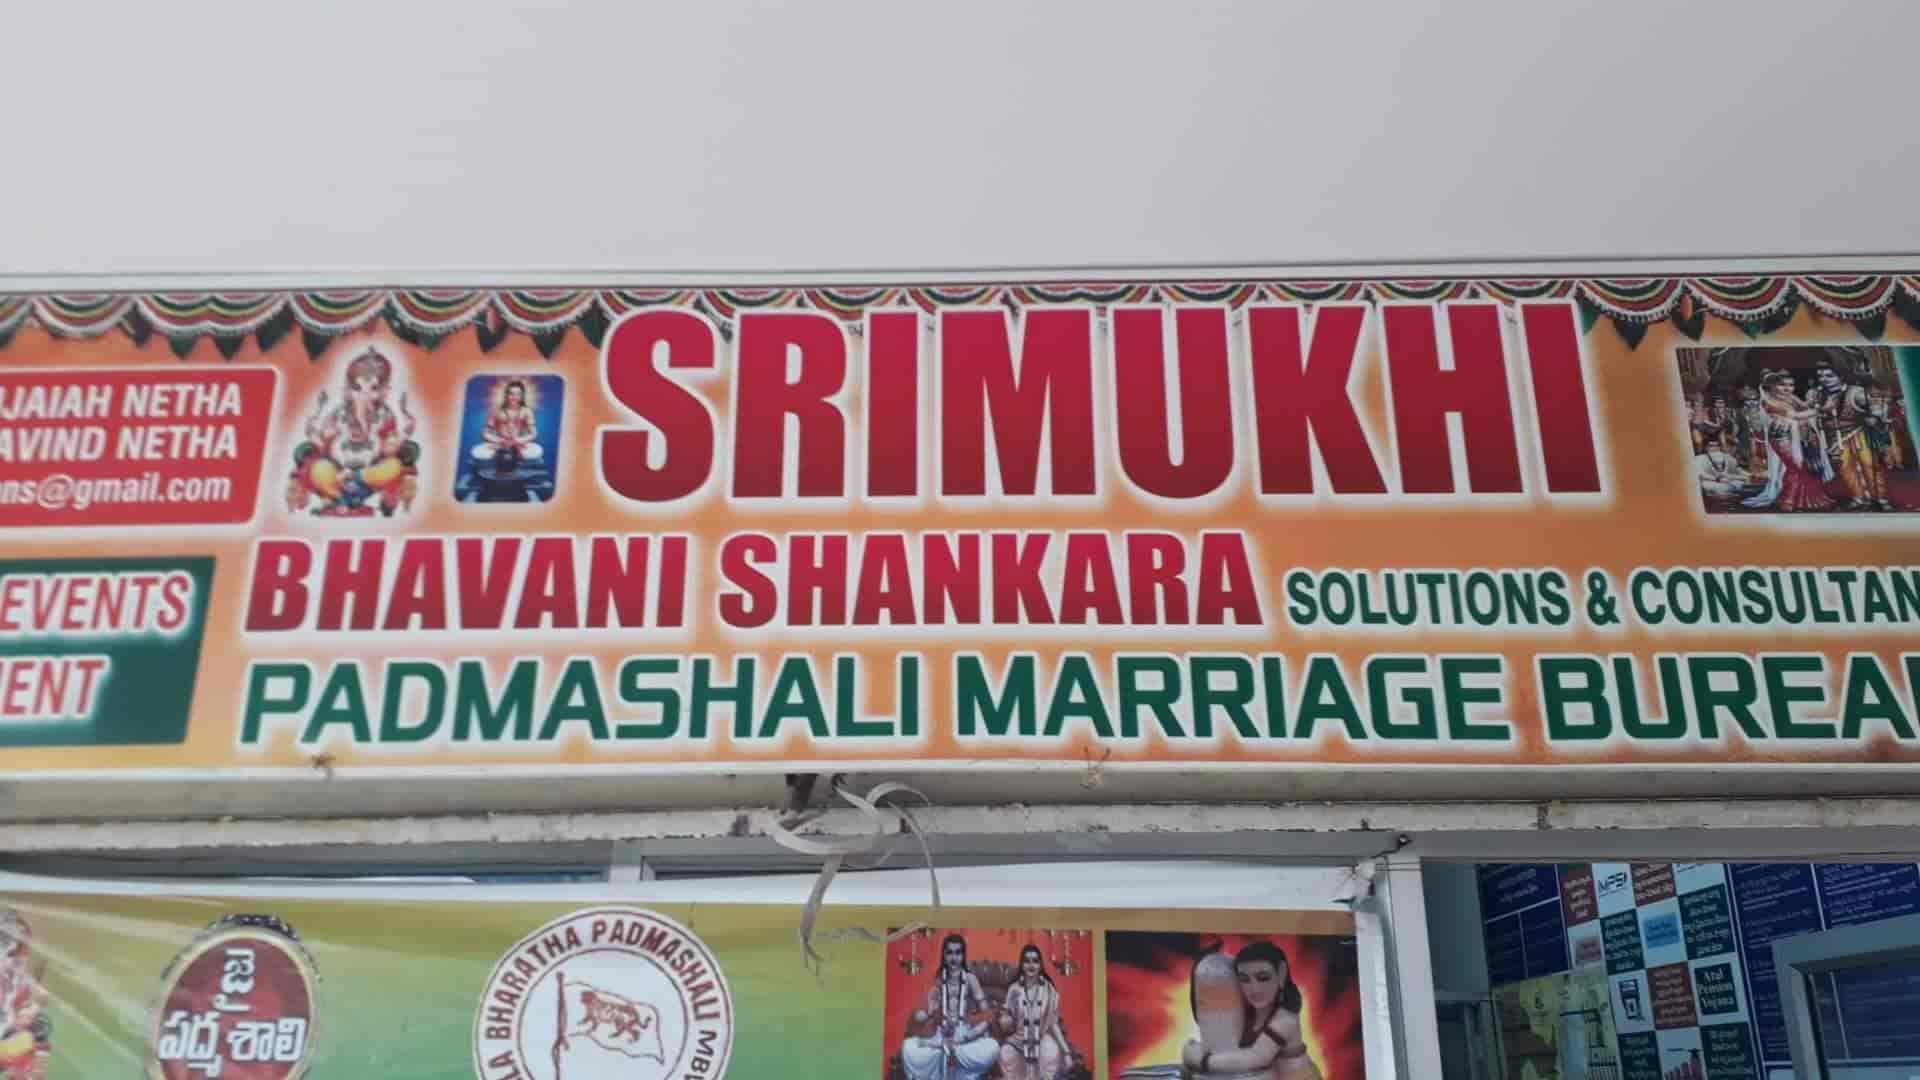 Sri Mukhi Padmashali Marriage Bureau Photos, L B Nagar, Hyderabad